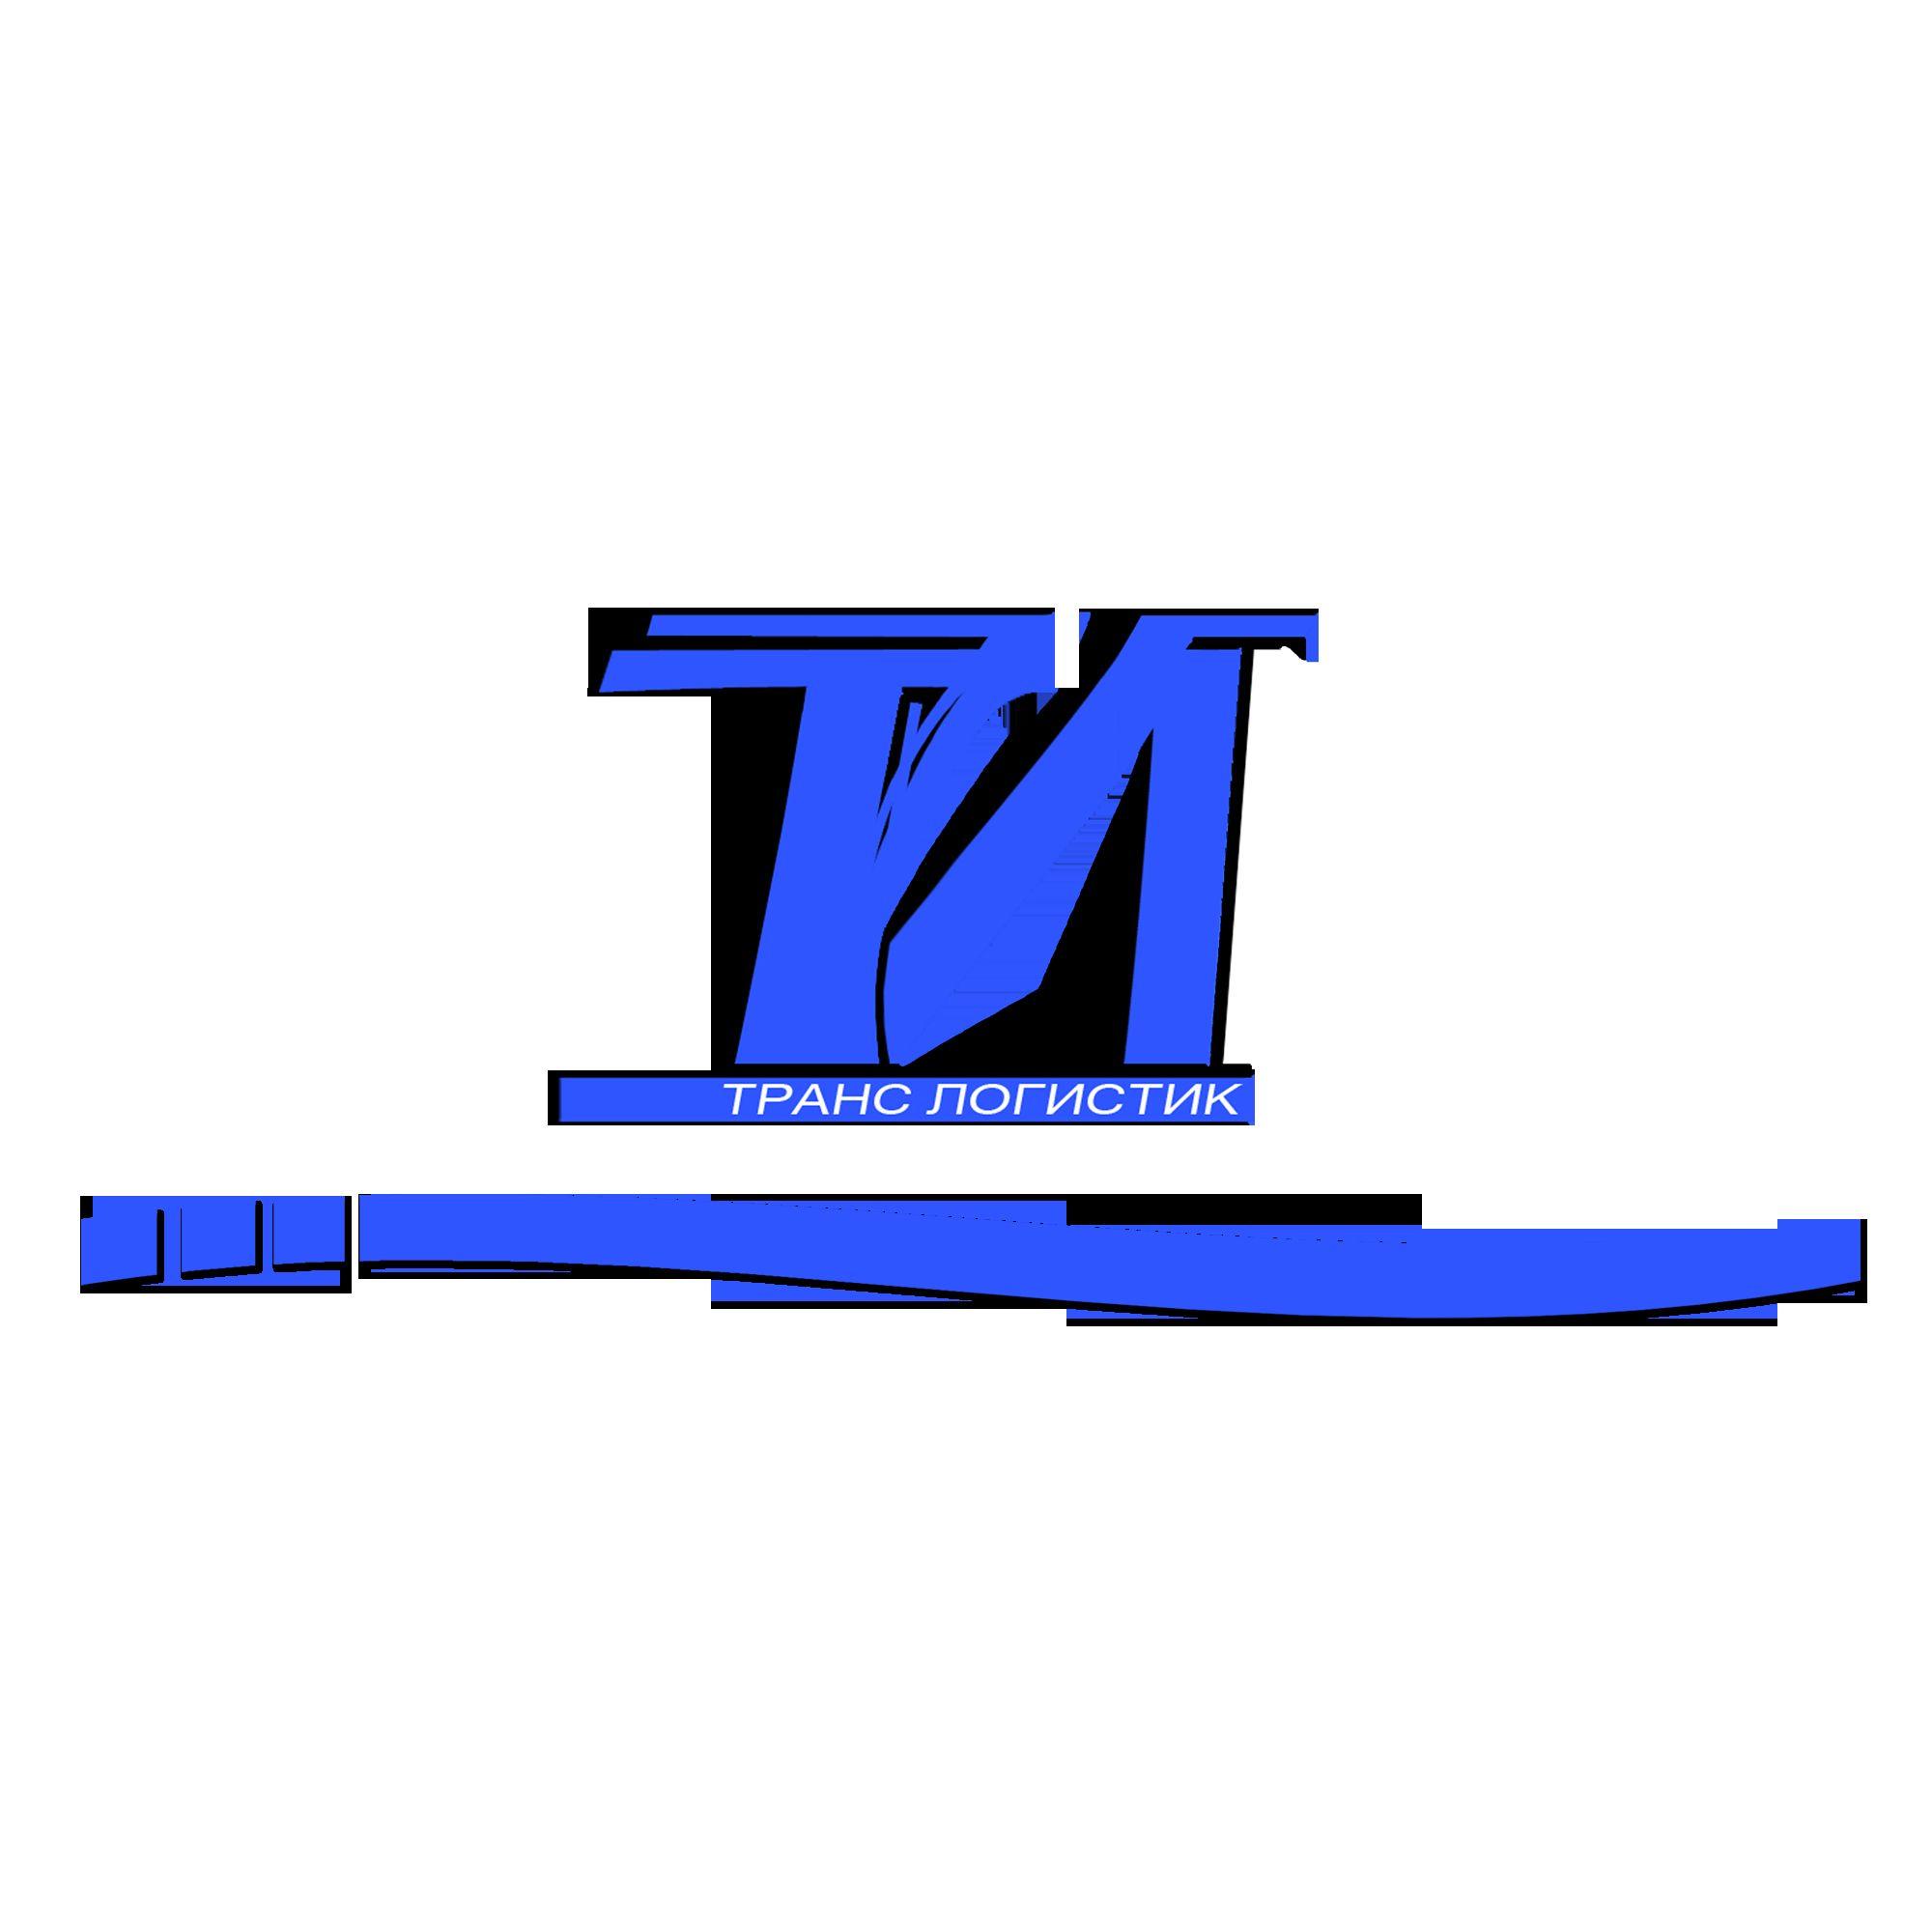 Логотип и визитка для транспортной компании - дизайнер ZSA-Sergey